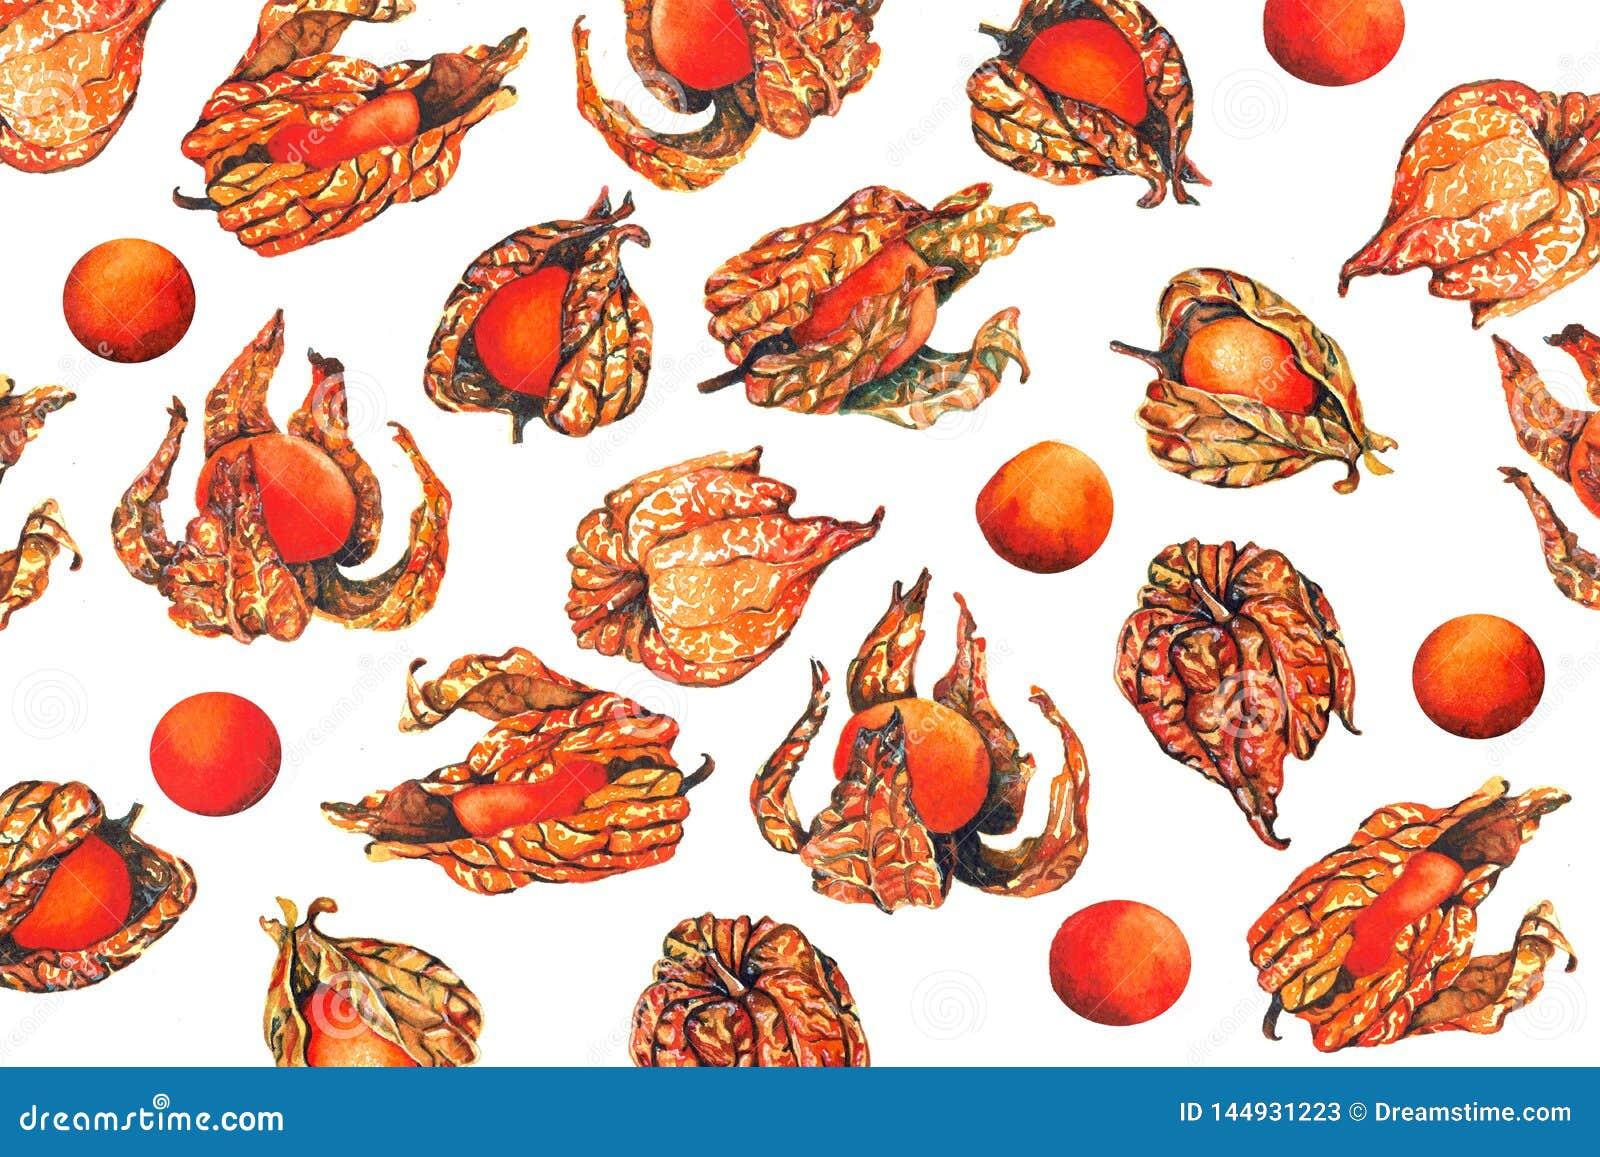 Картина акварели ягоды плода физалиса